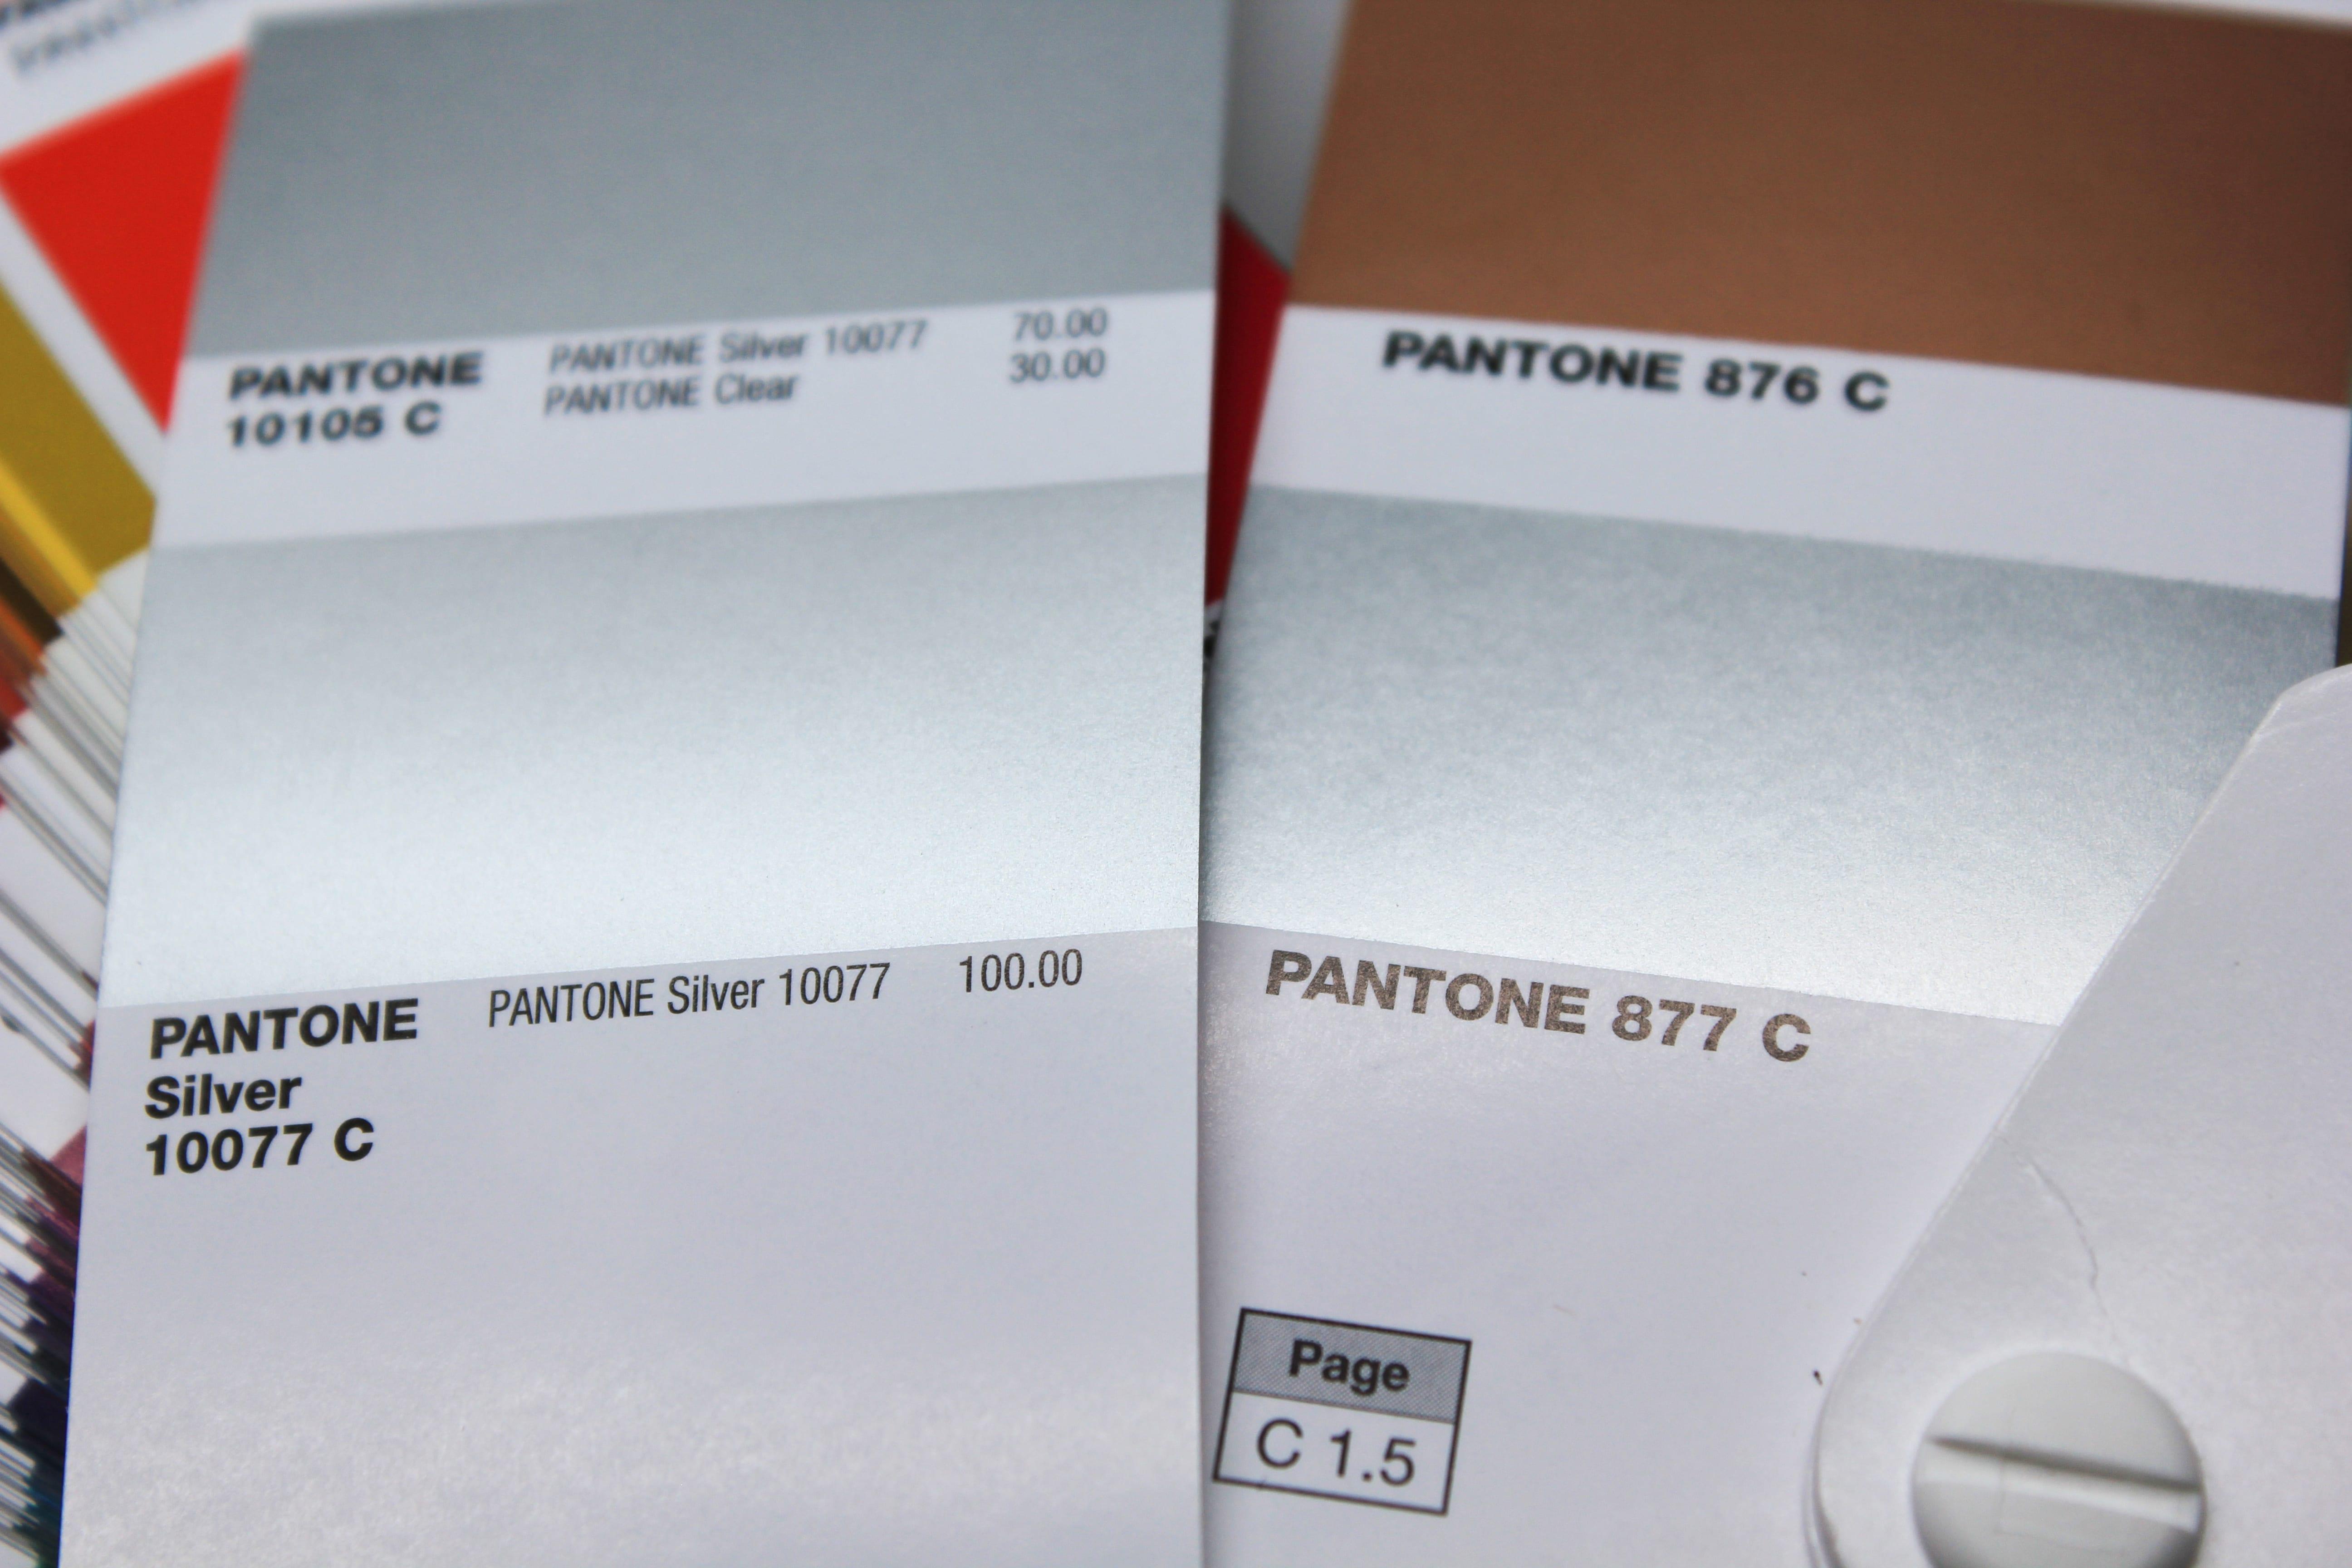 Pantone Premium Metallics Oder Pantone Matching System Metallics